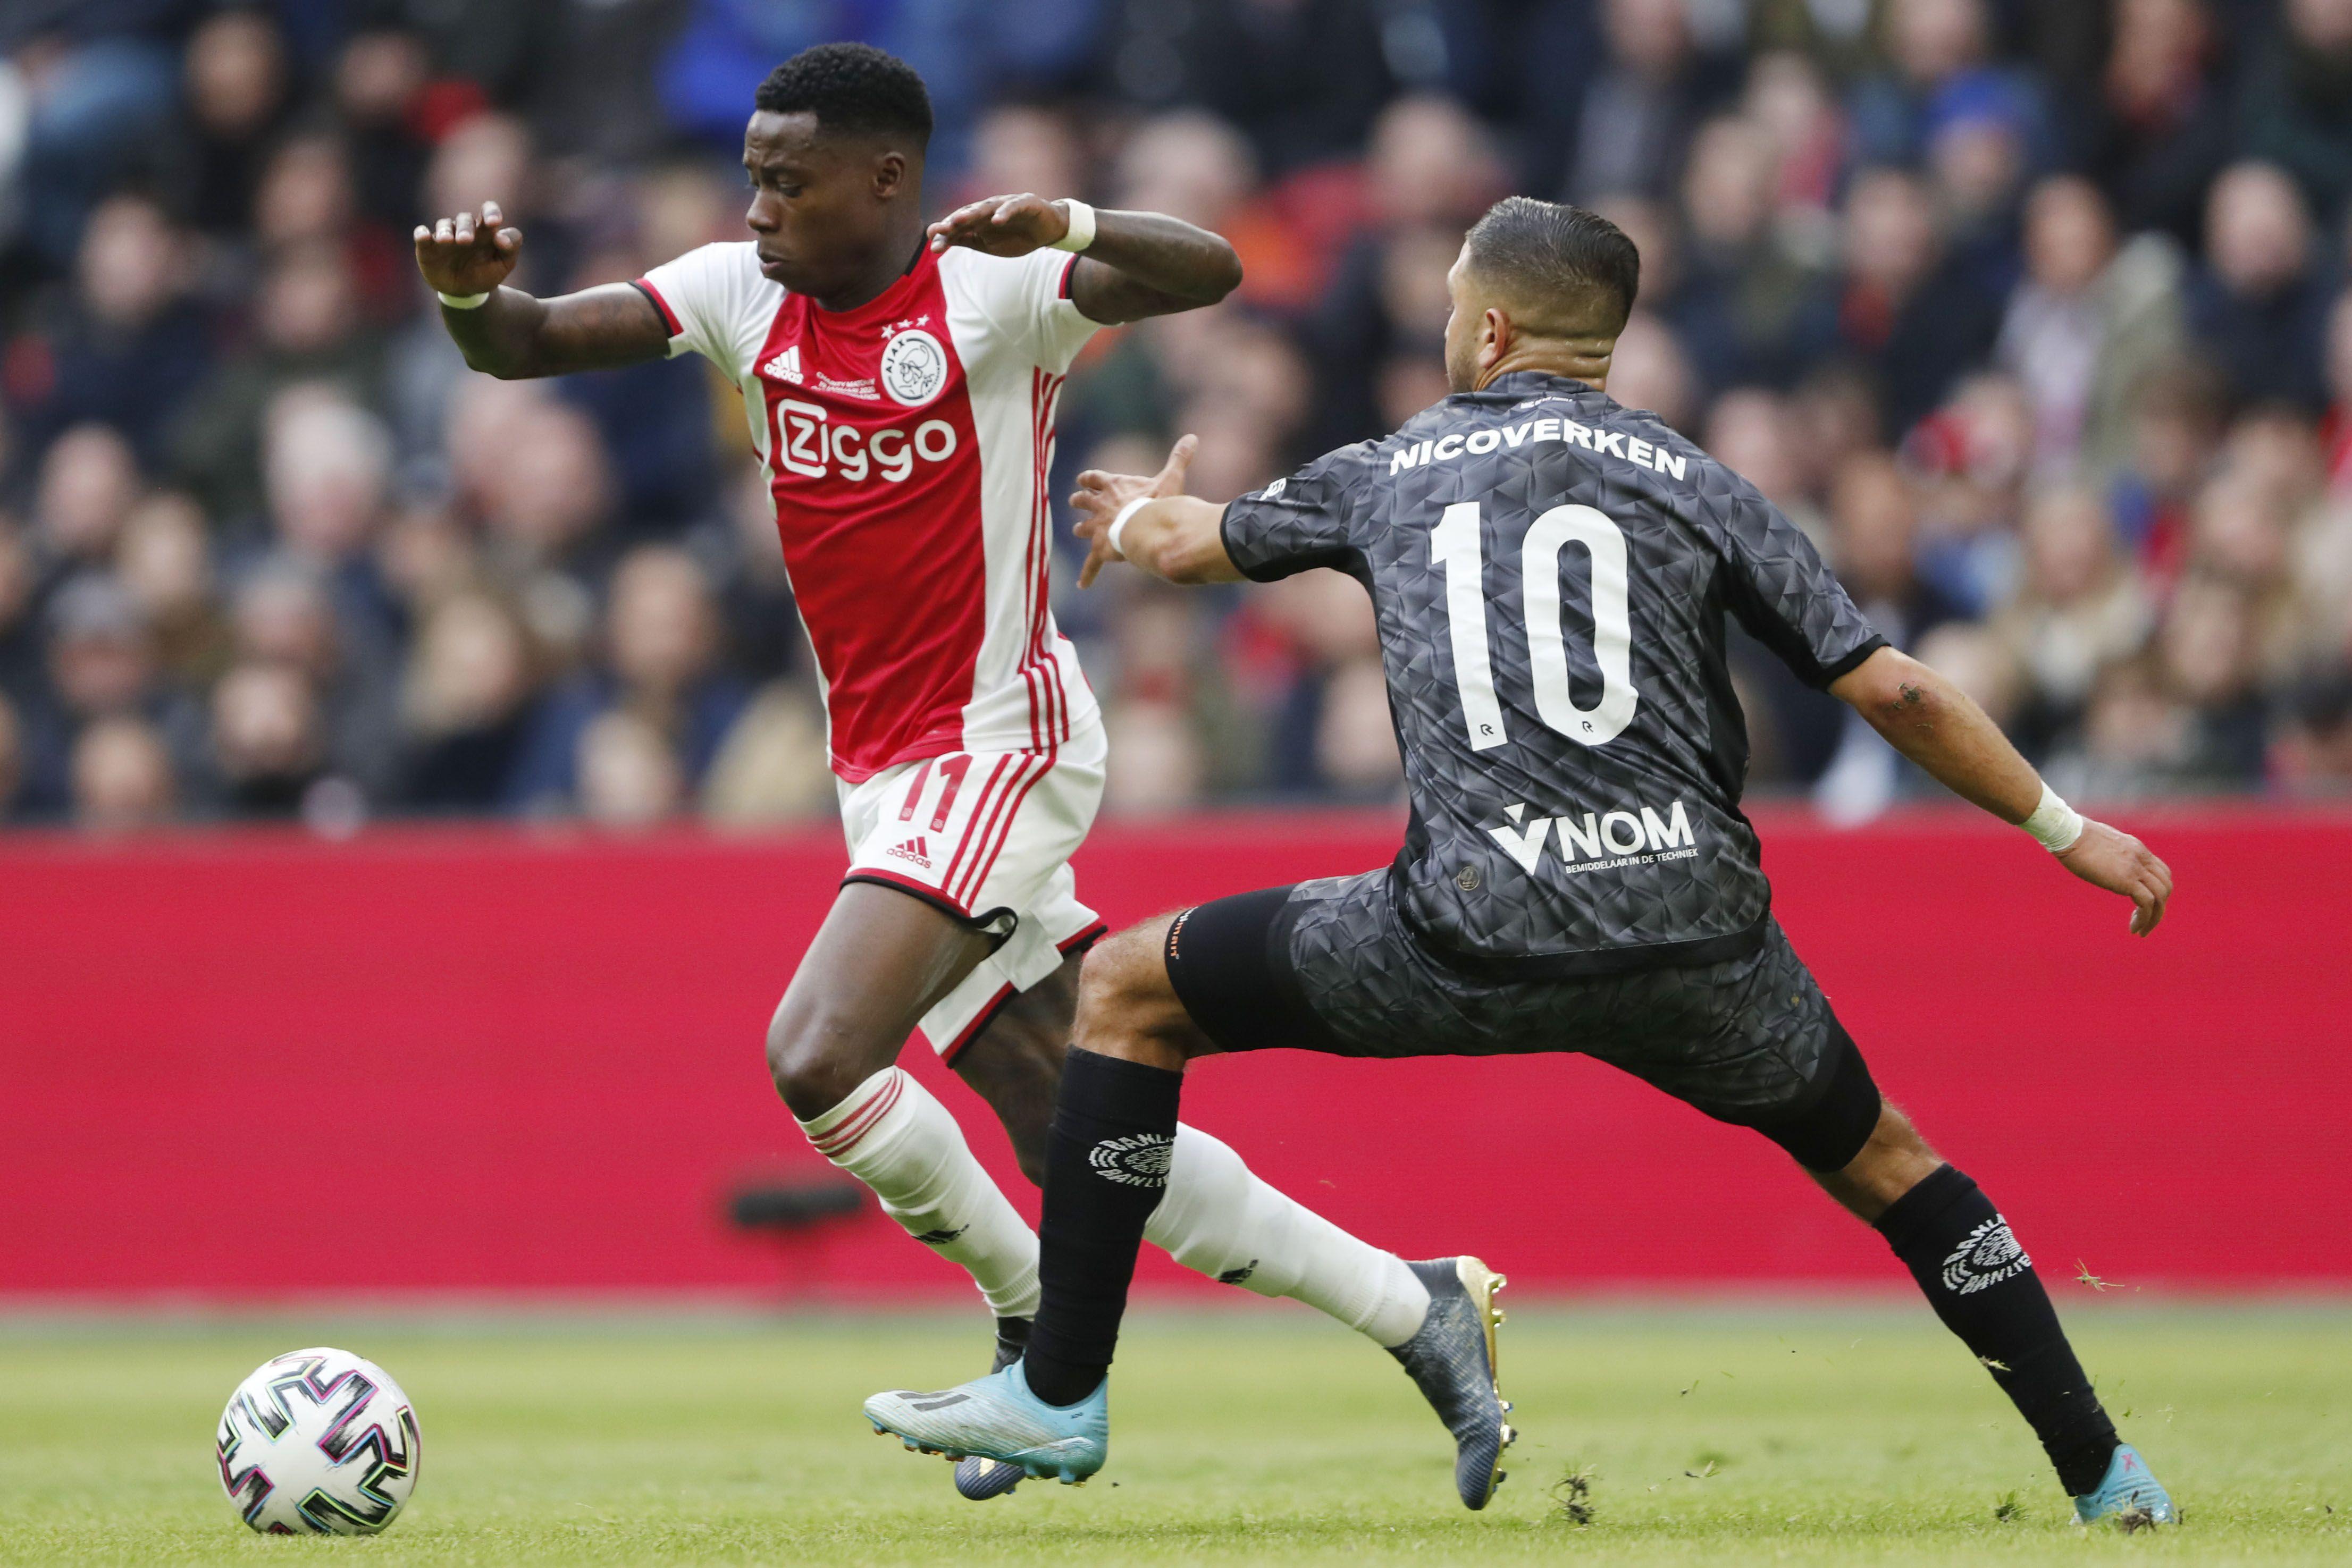 Quincy Promes und Ajax Amsterdam könnte bald gegen andere Mannschaften spielen als Sparta Rotterdam.